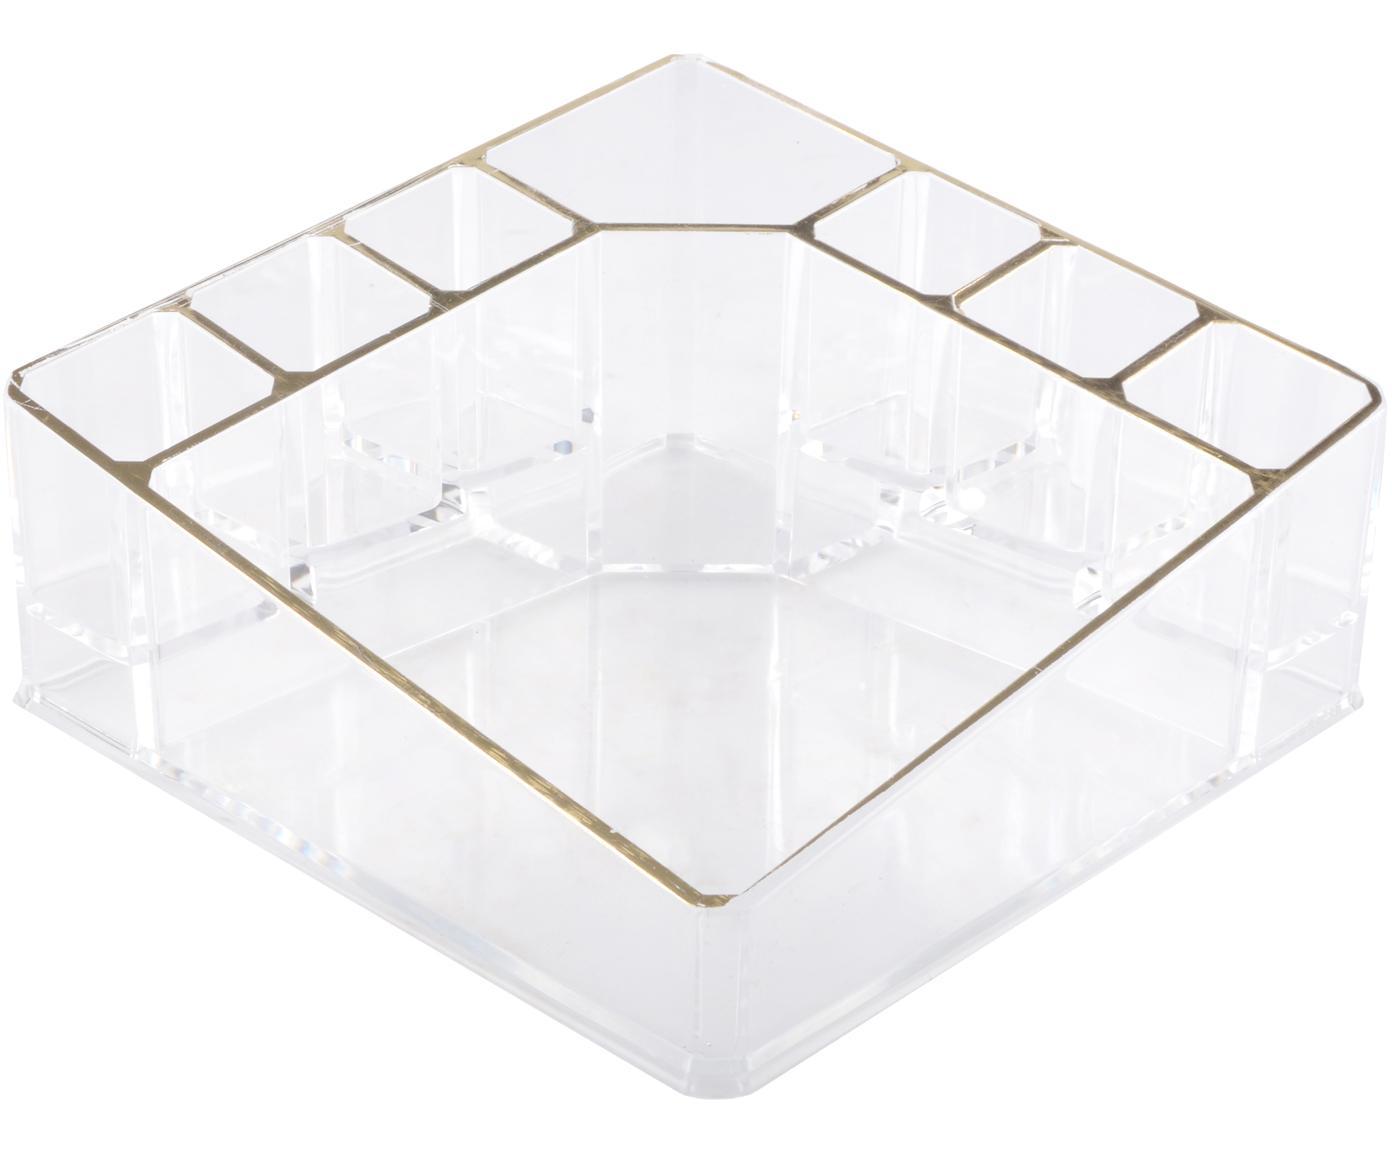 Organizador de cosm'eticos Malla, Plástico, Transparente, dorado, An 14 x Al 7 cm